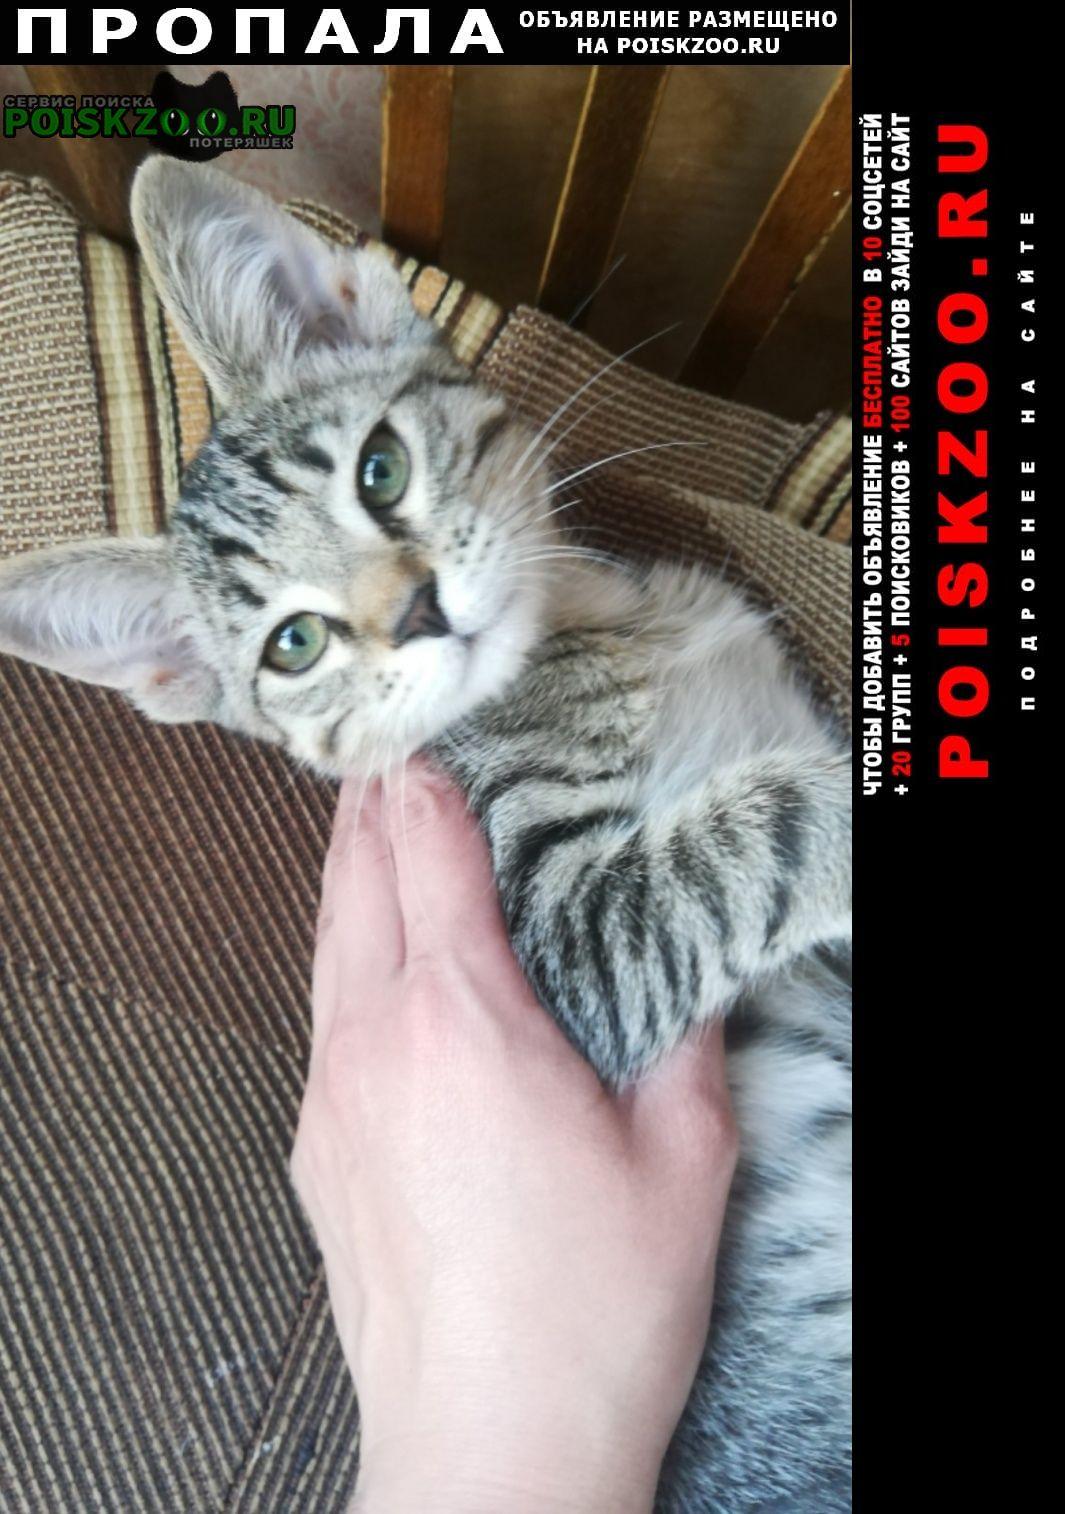 Ульяновск Пропала кошка котенок